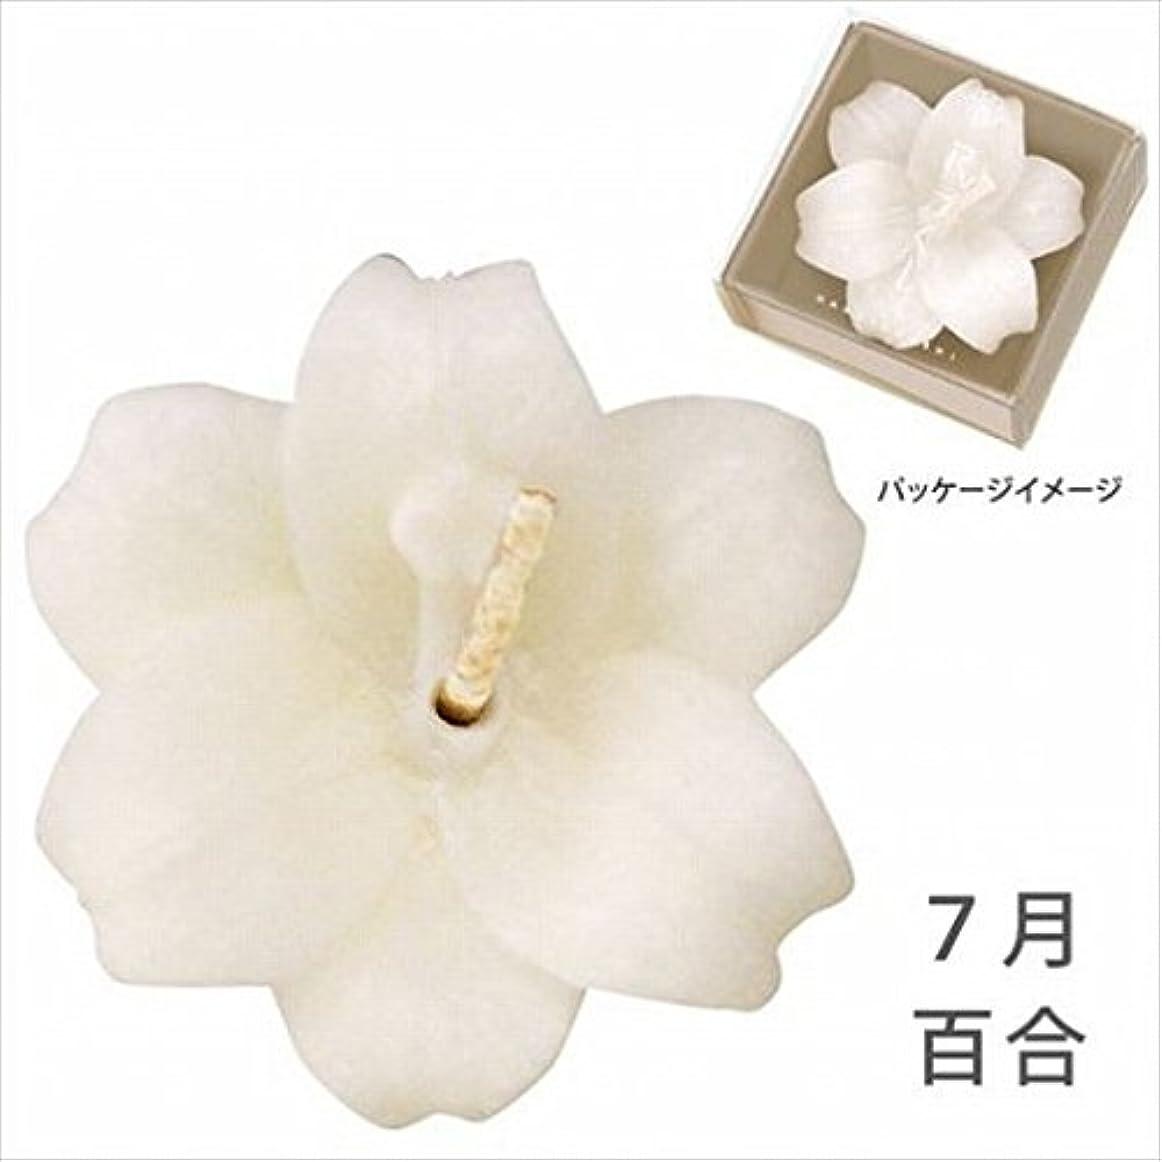 永久法王天才kameyama candle(カメヤマキャンドル) 花づくし(植物性) 百合 「 百合(7月) 」 キャンドル(A4620580)